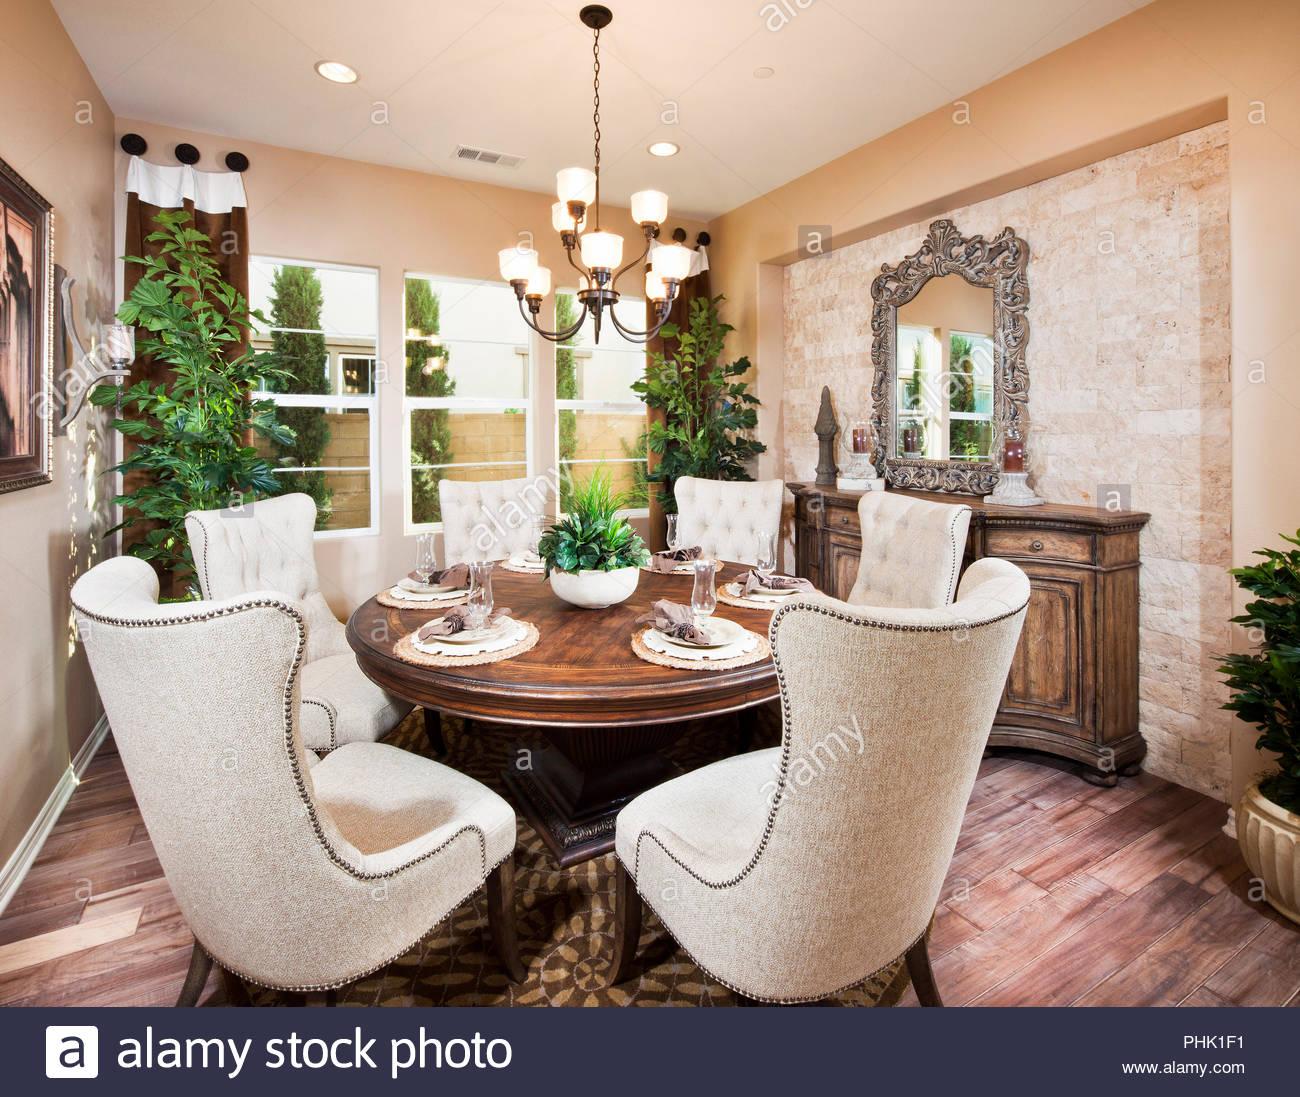 Salle à manger avec table de jeu Photo Stock